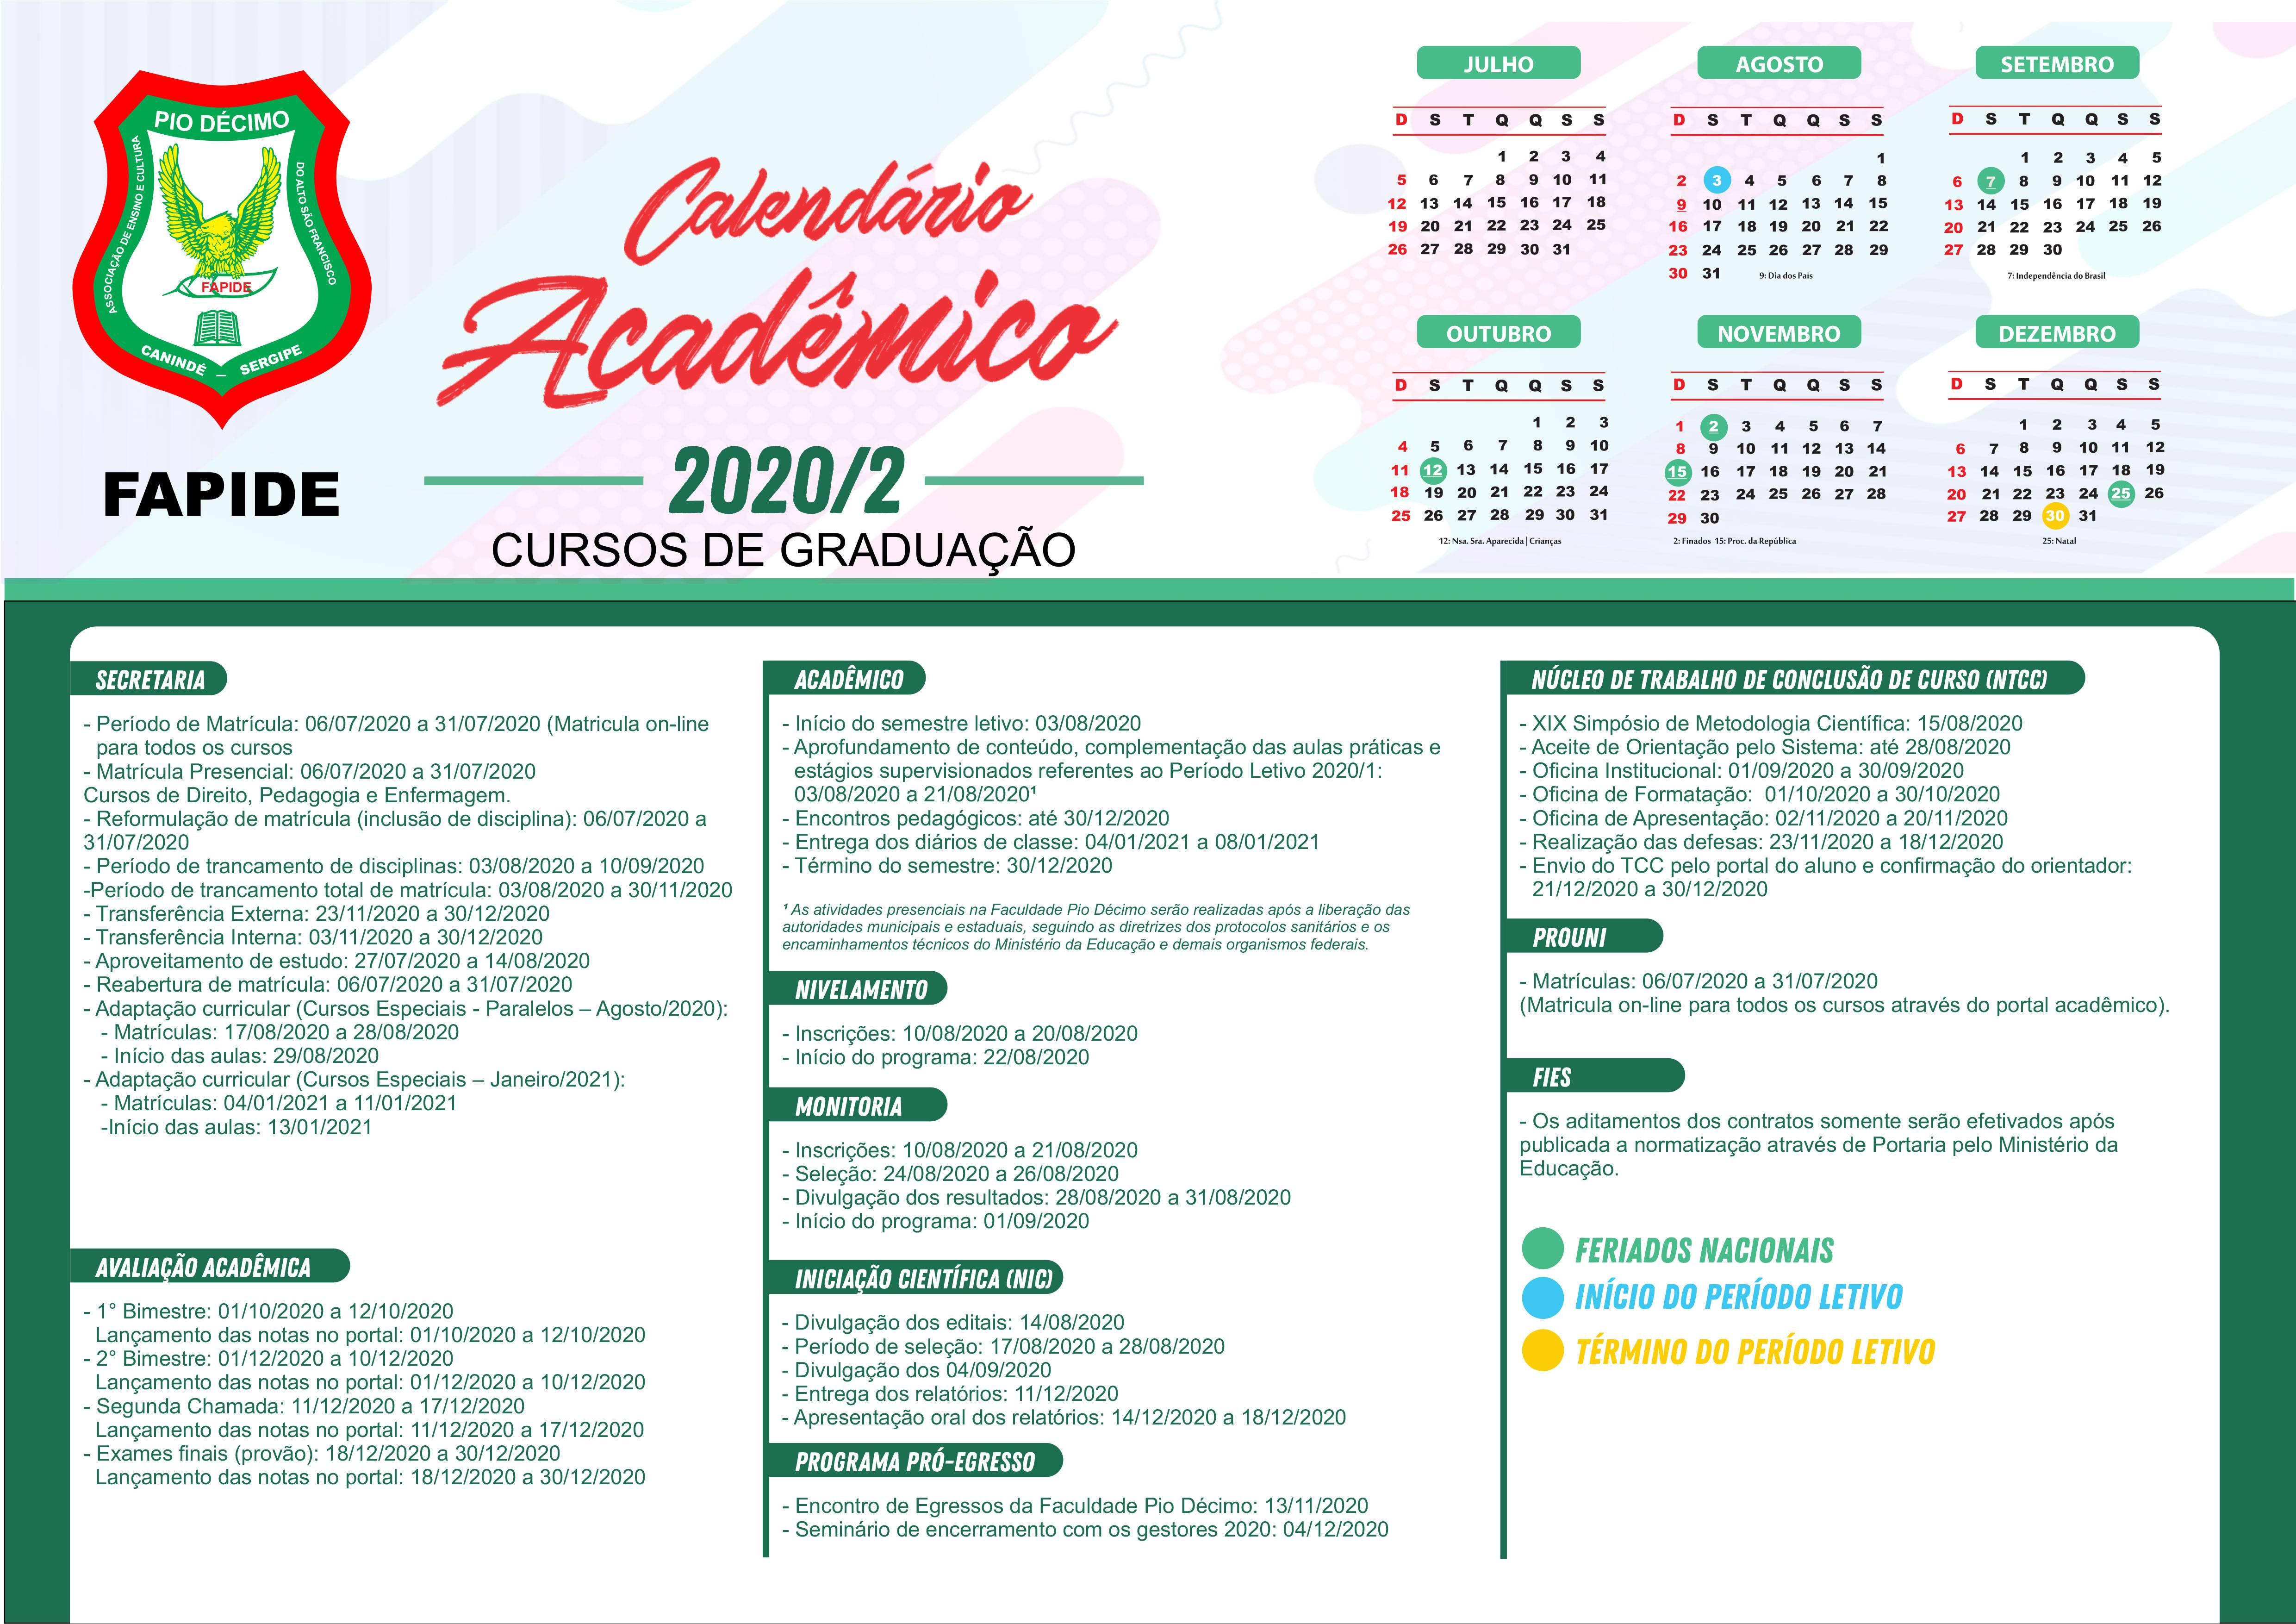 CALENDARIO-ACADEMICO-2020-2.jpg